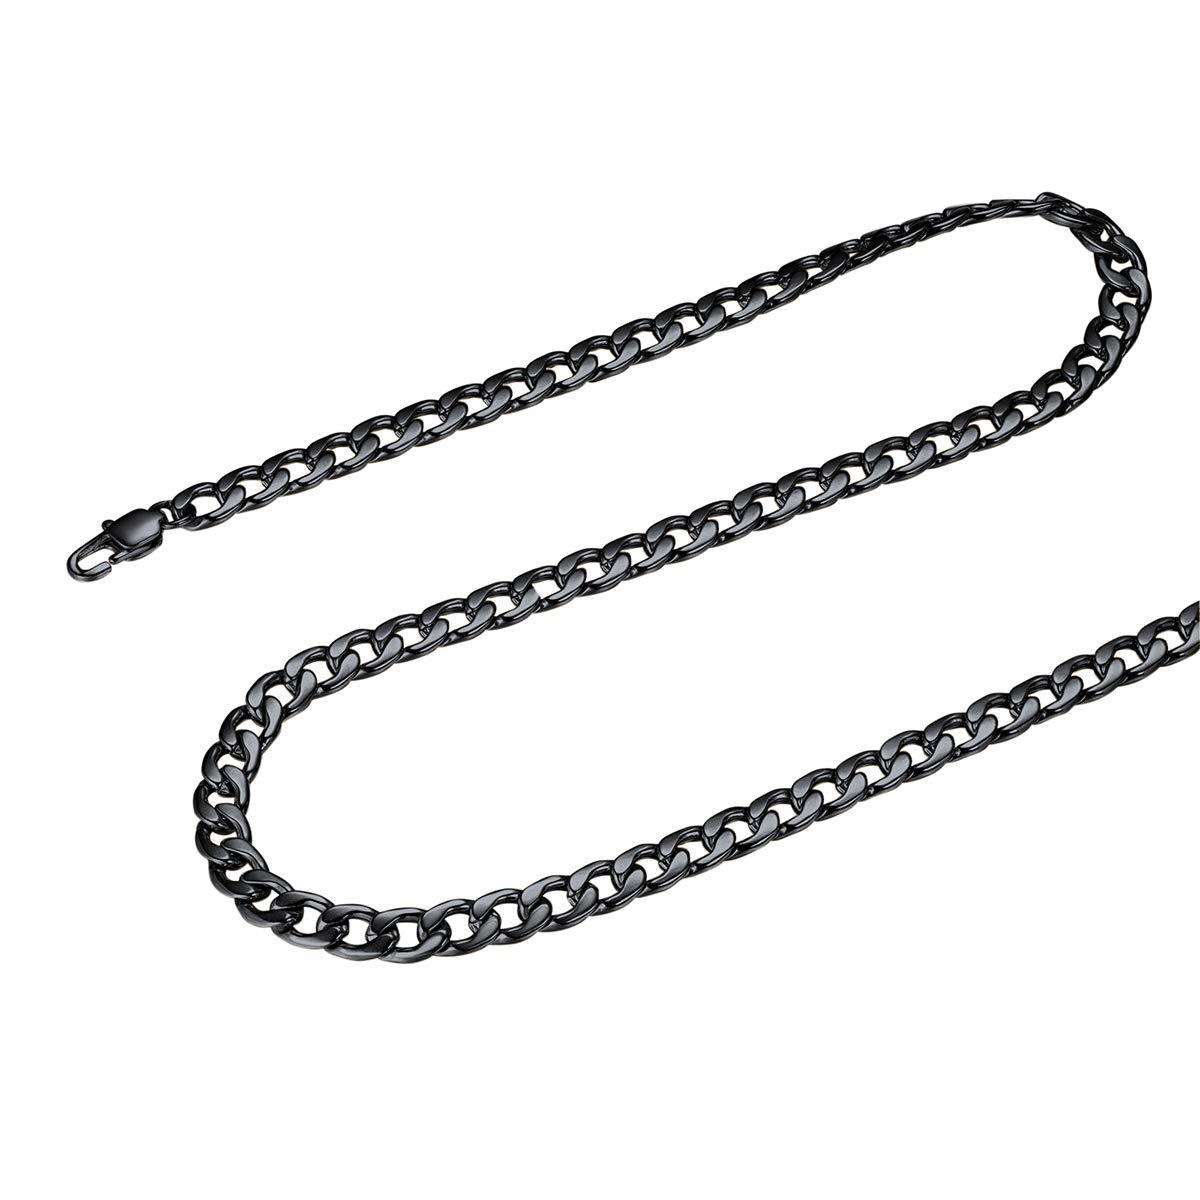 Longueur 45cm//50cm//55cm//60cm//65cm//70cm//75cm FOCALOOK Cha/îne Collier Gourmette 5mm Bijoux Homme Acier INOX//Plaqu/é Or 18 Carats//Noir Curb Chain Necklace Cadeau Id/éal